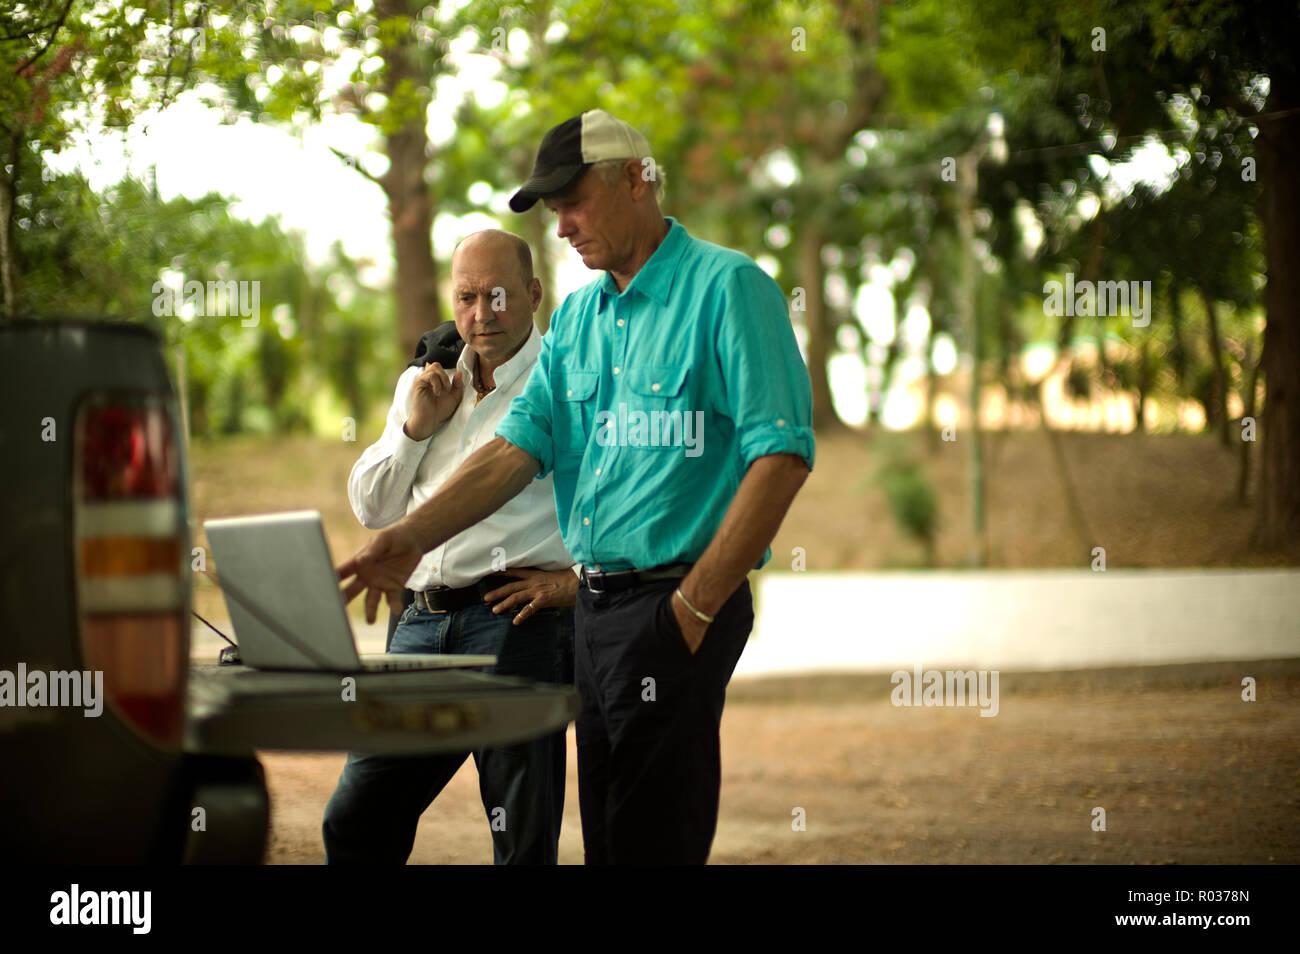 Agricultor muestra algo sobre un laptop a un empresario. Imagen De Stock